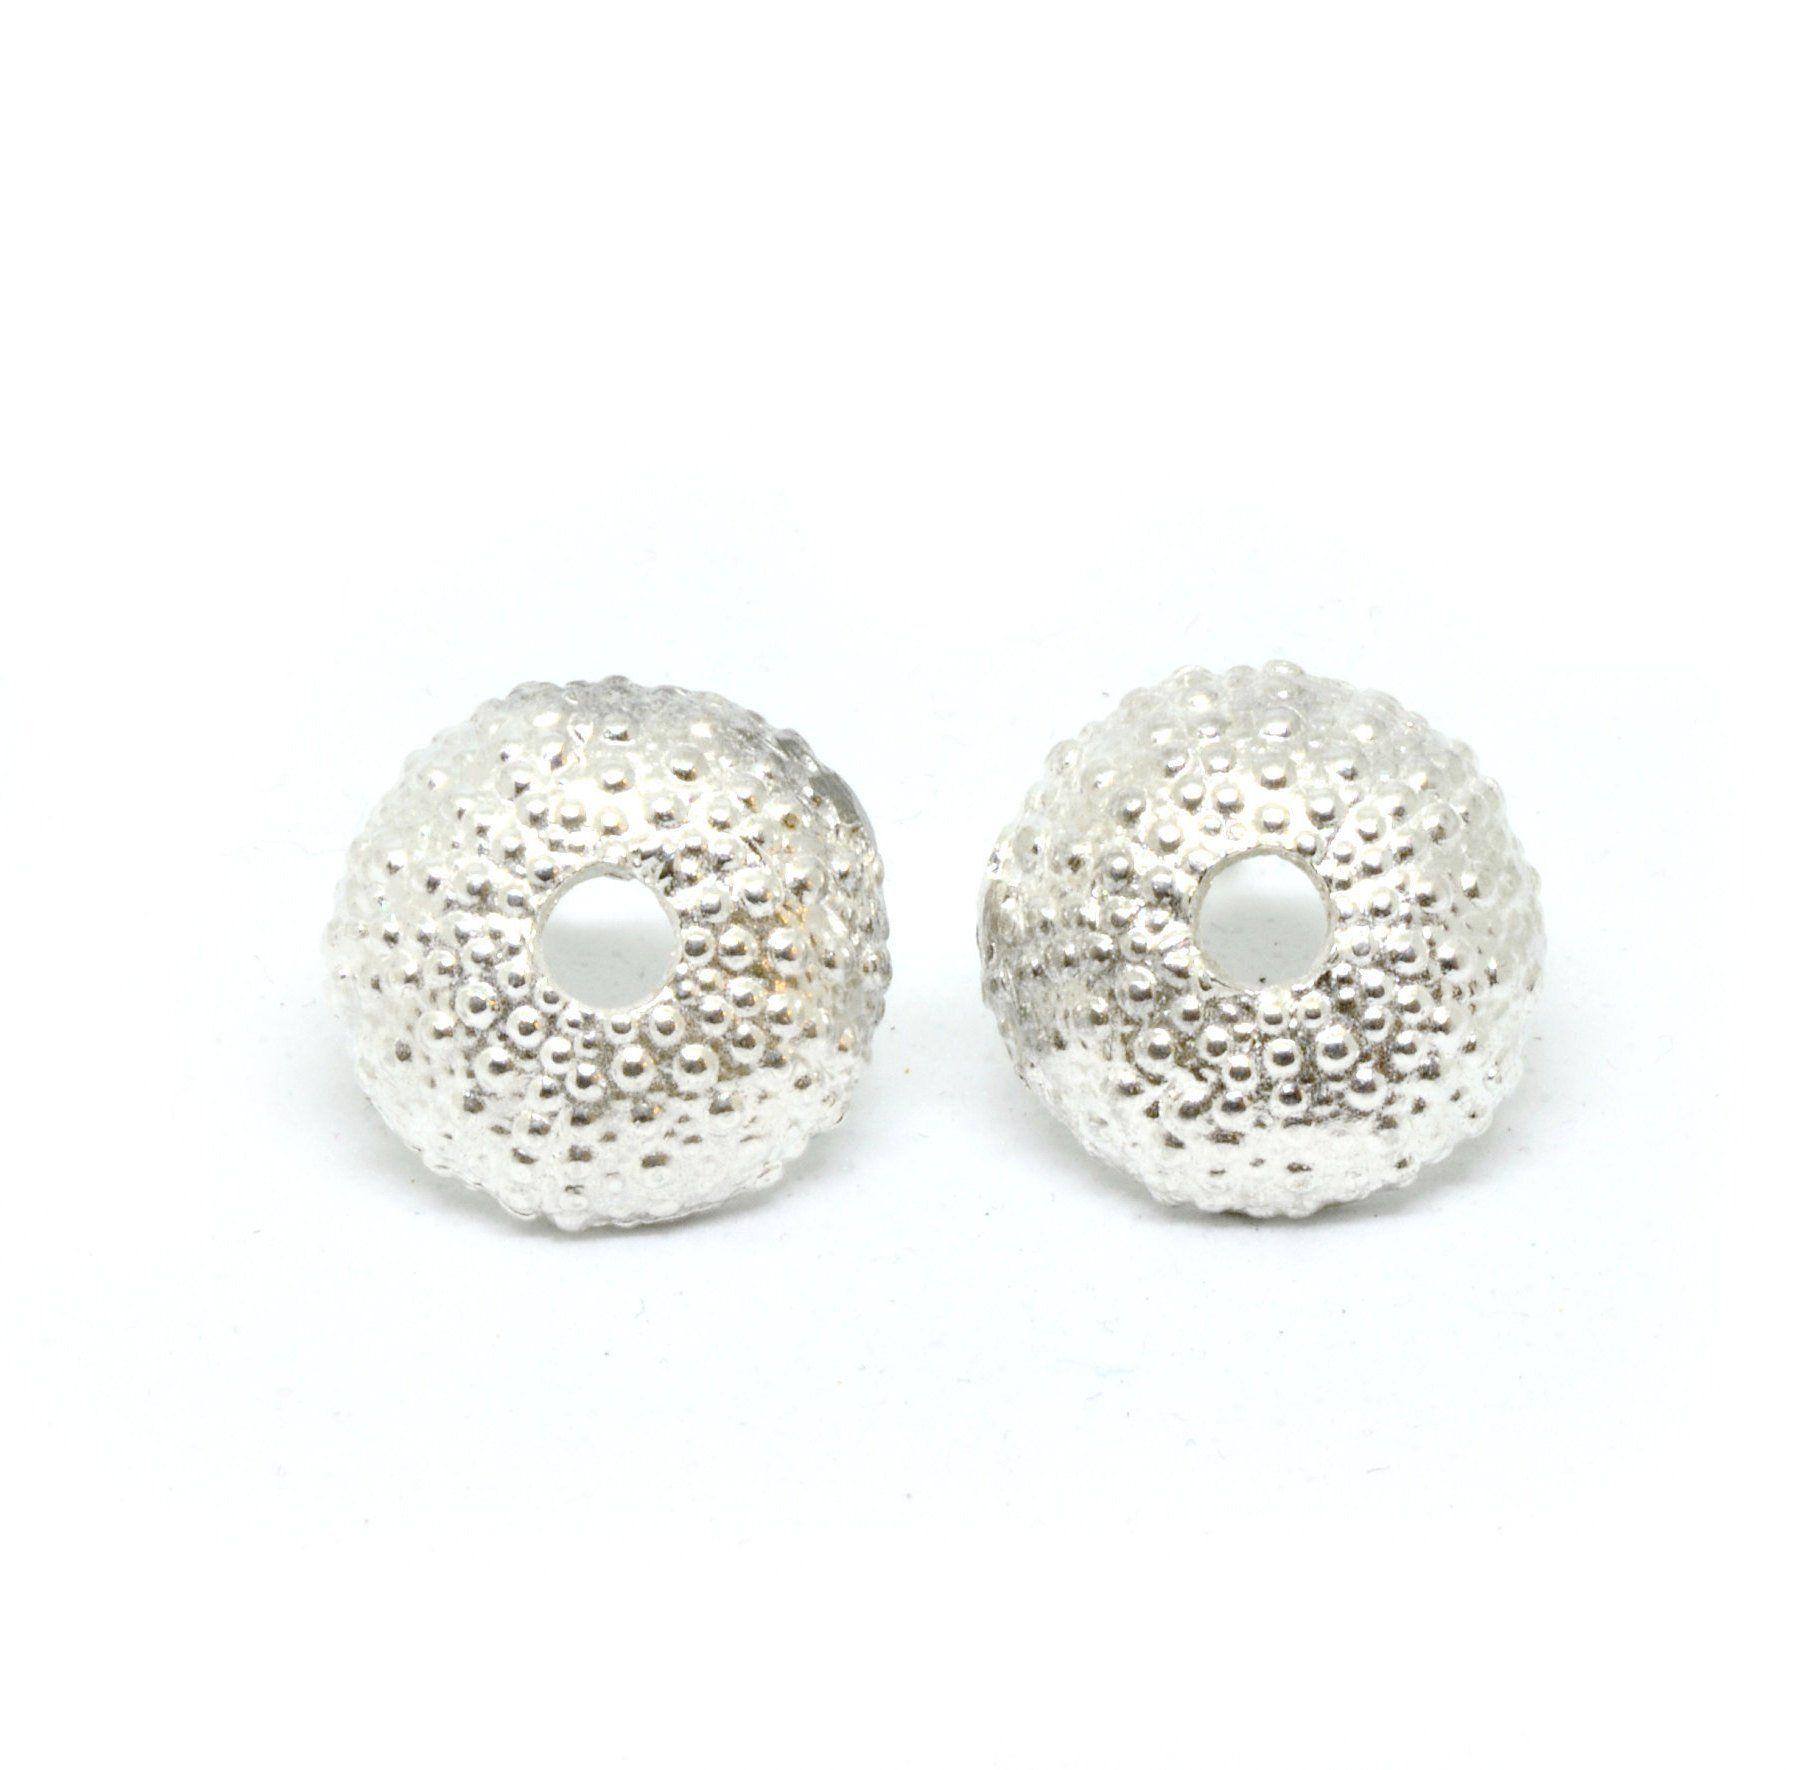 Nautical Earrings Beach Earrings Sea Shell Earrings Dainty Earrings Small Earrings Real Sea Shell Summer Earrings Ocean Earrings